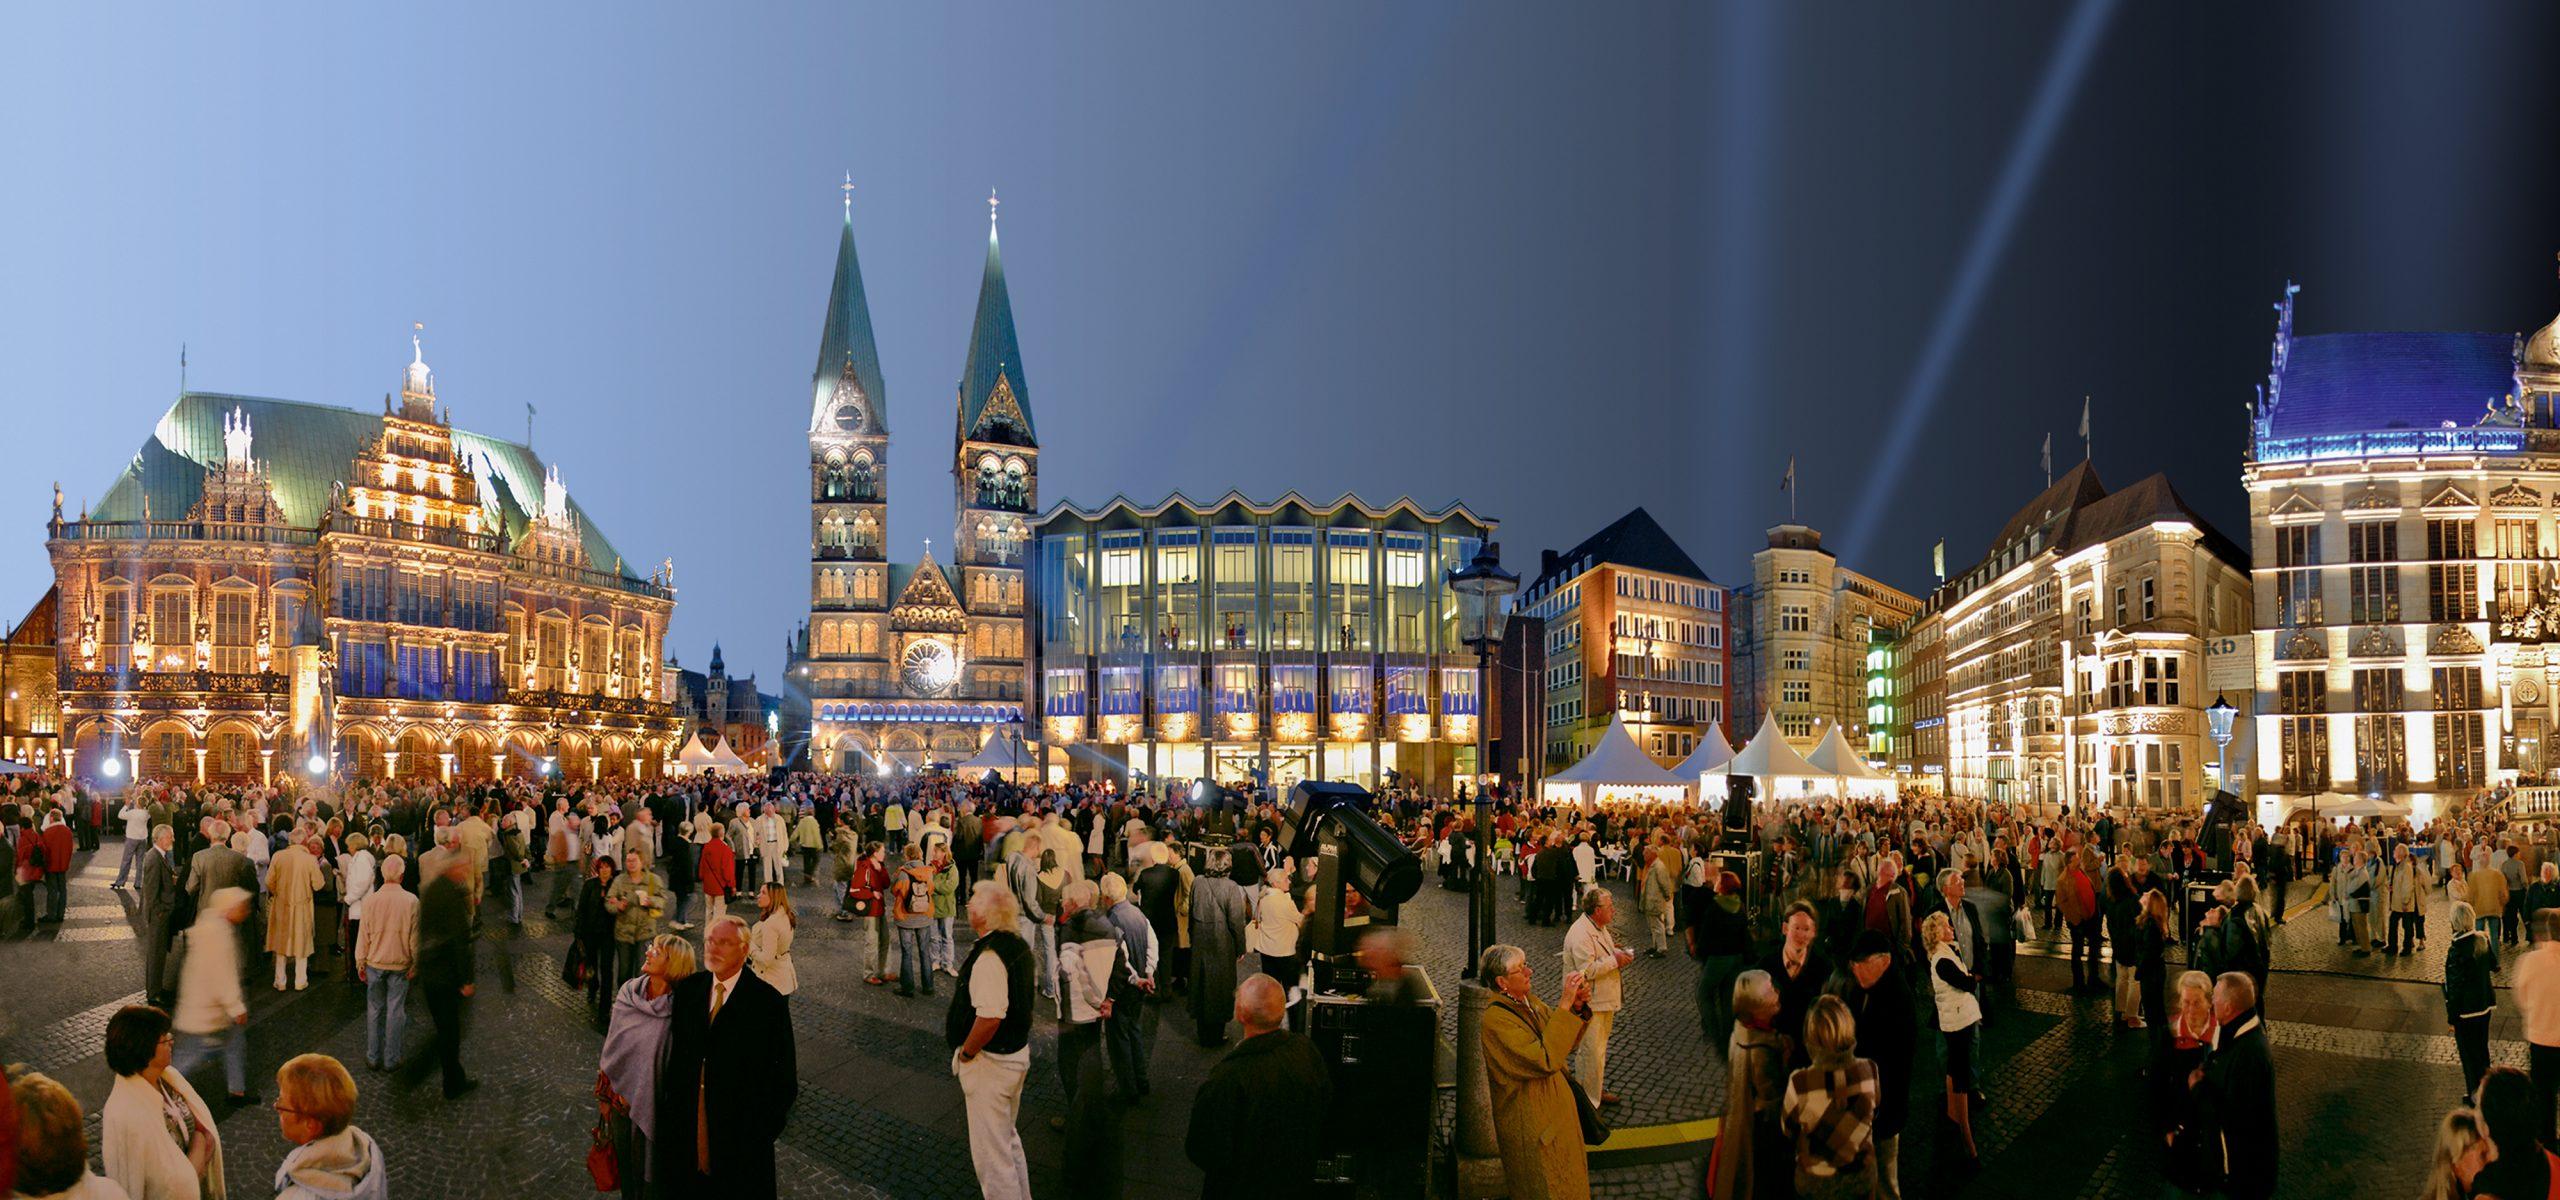 Der Bremer Marktplatz bei Nacht.